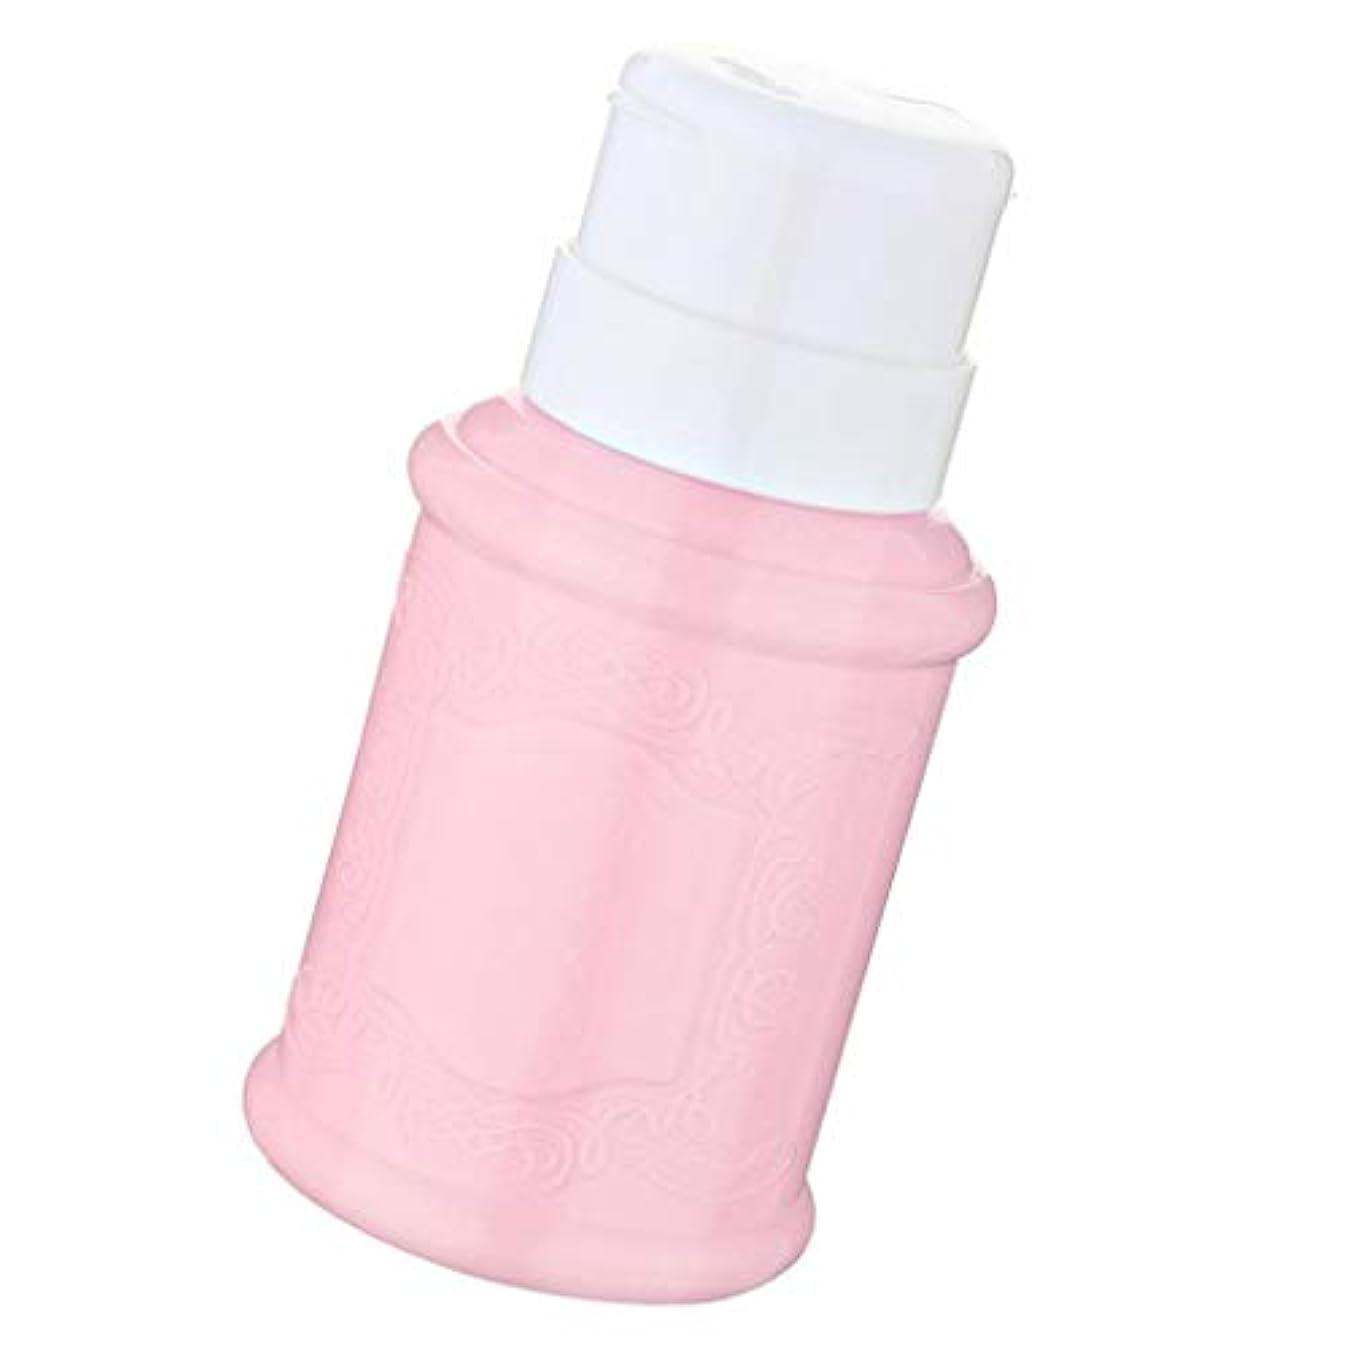 ささいな誇り麺SM SunniMix 空ポンプ ボトル ネイルクリーナーボトル ポンプディスペンサー ジェルクリーナー 全3色 - ピンク